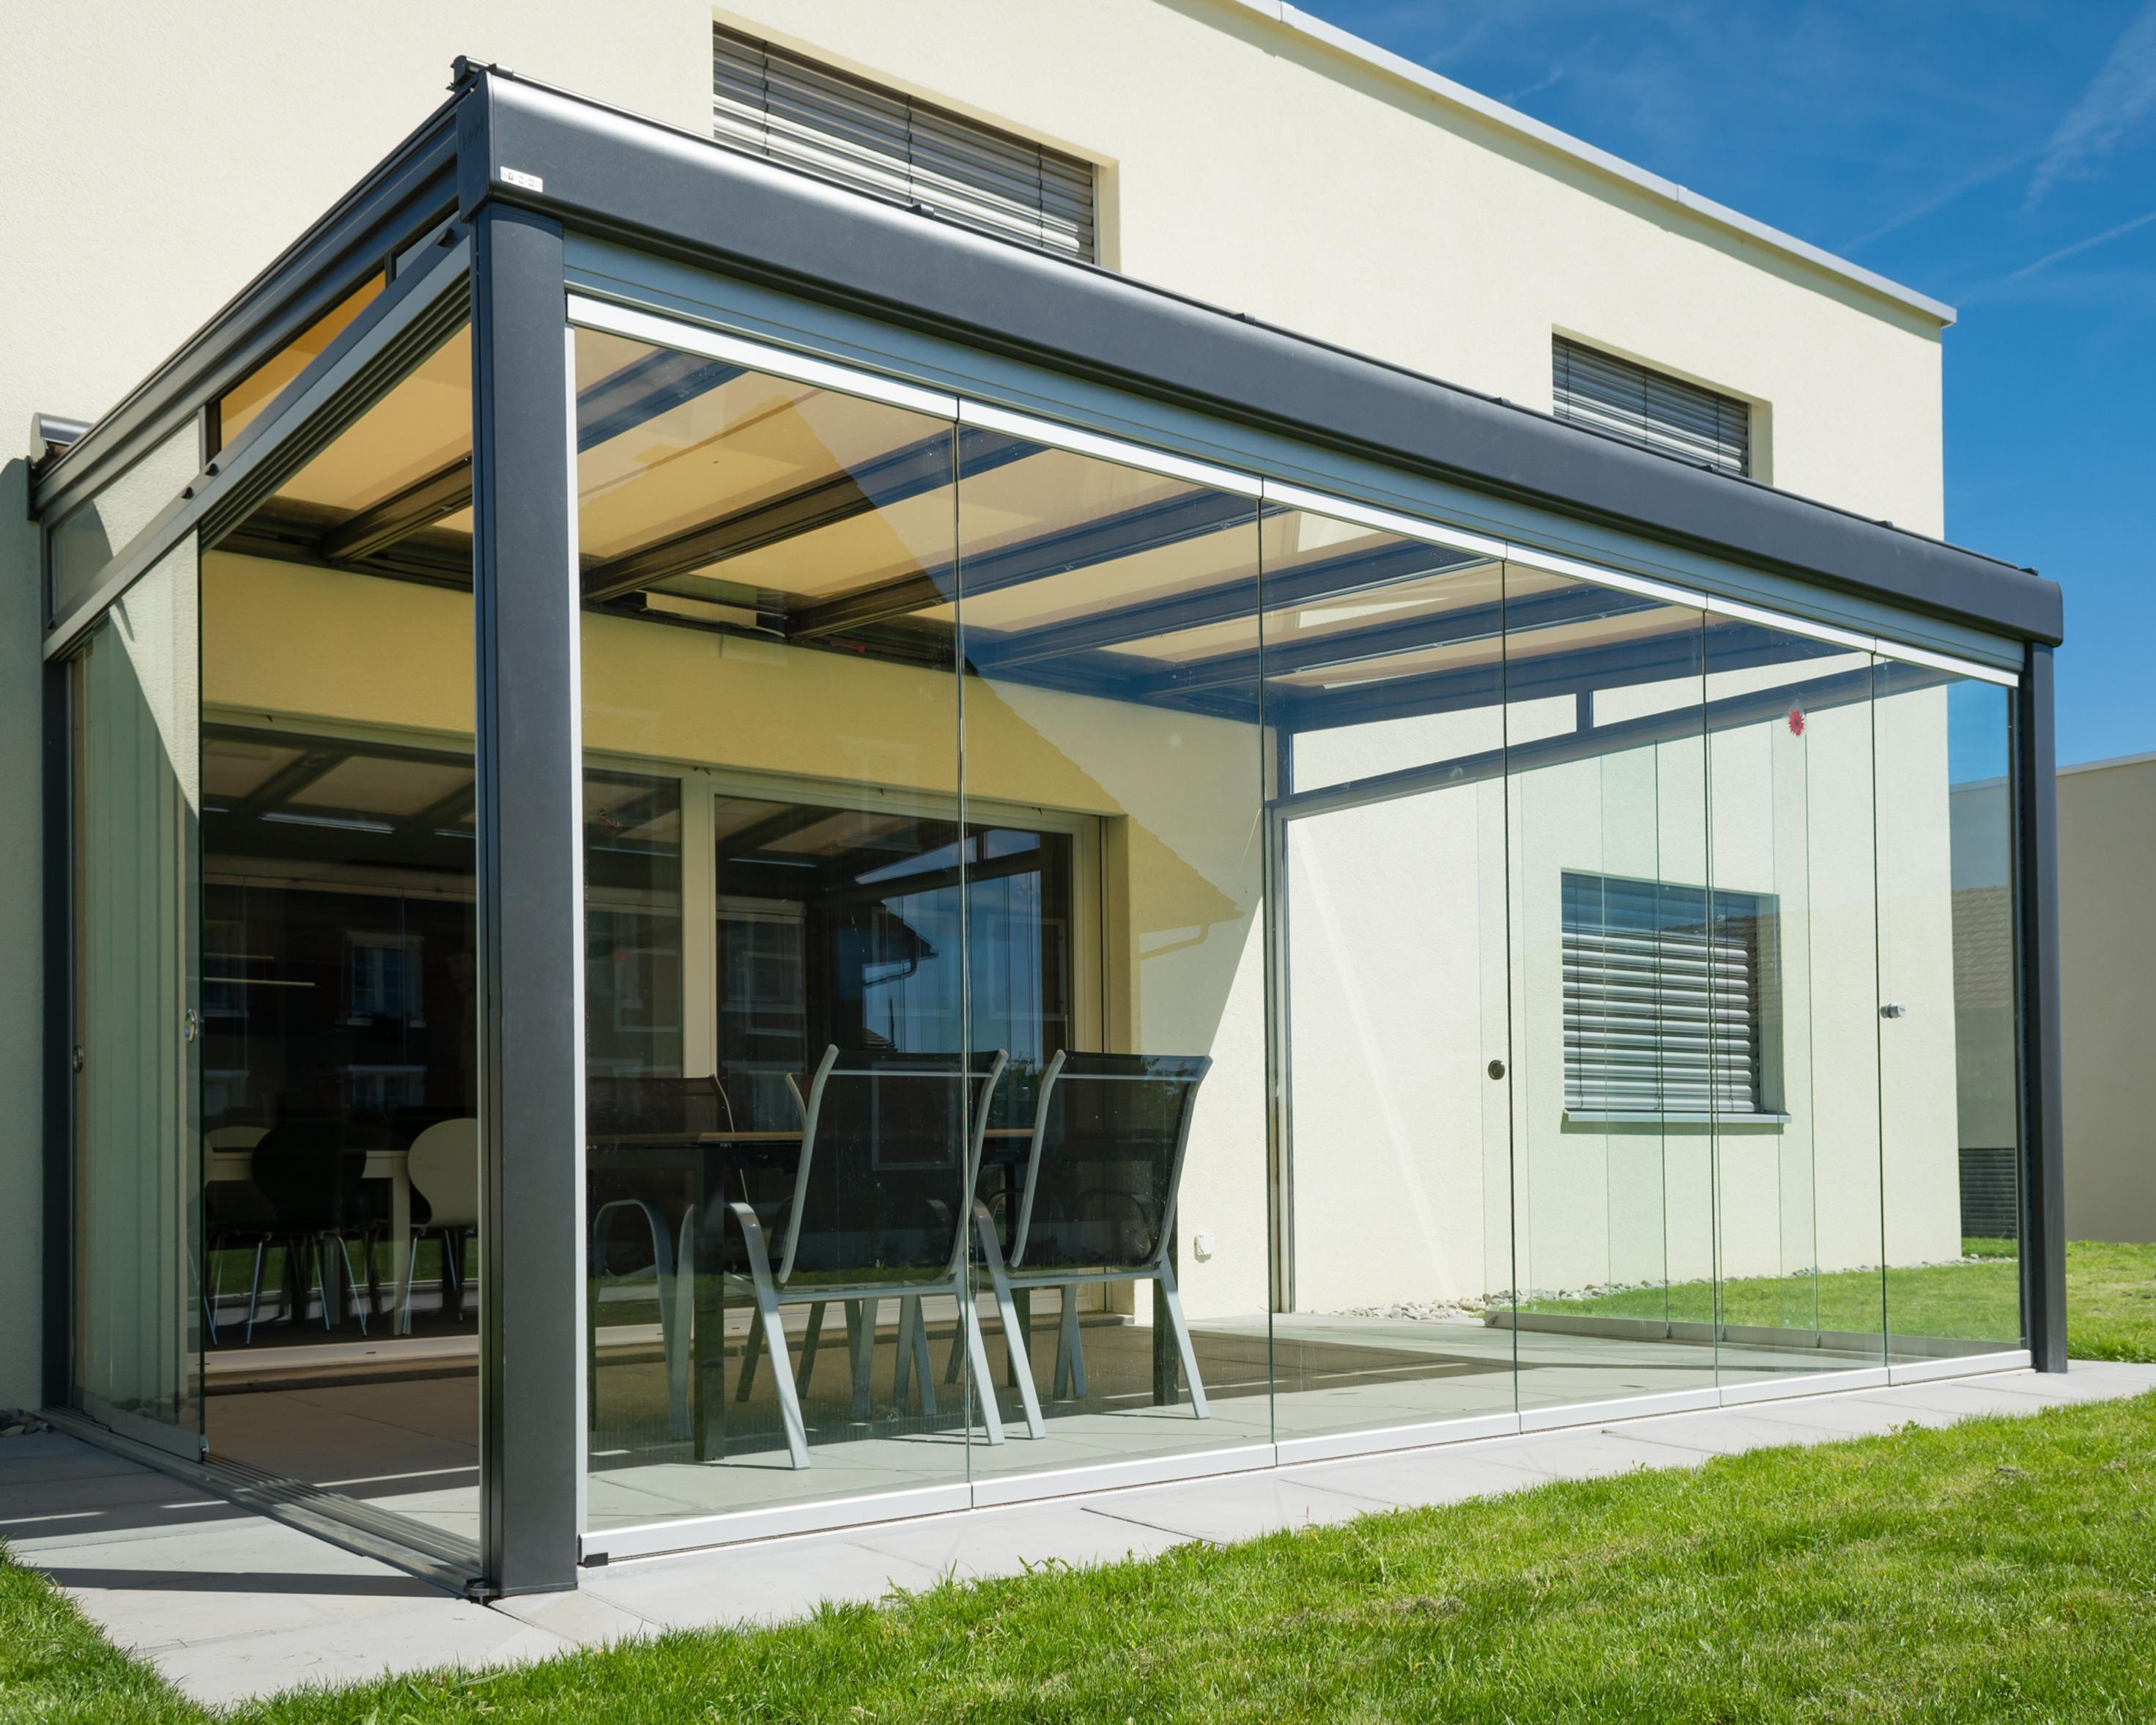 gartenhaus mit glasdach cheap carport glasdach design von. Black Bedroom Furniture Sets. Home Design Ideas